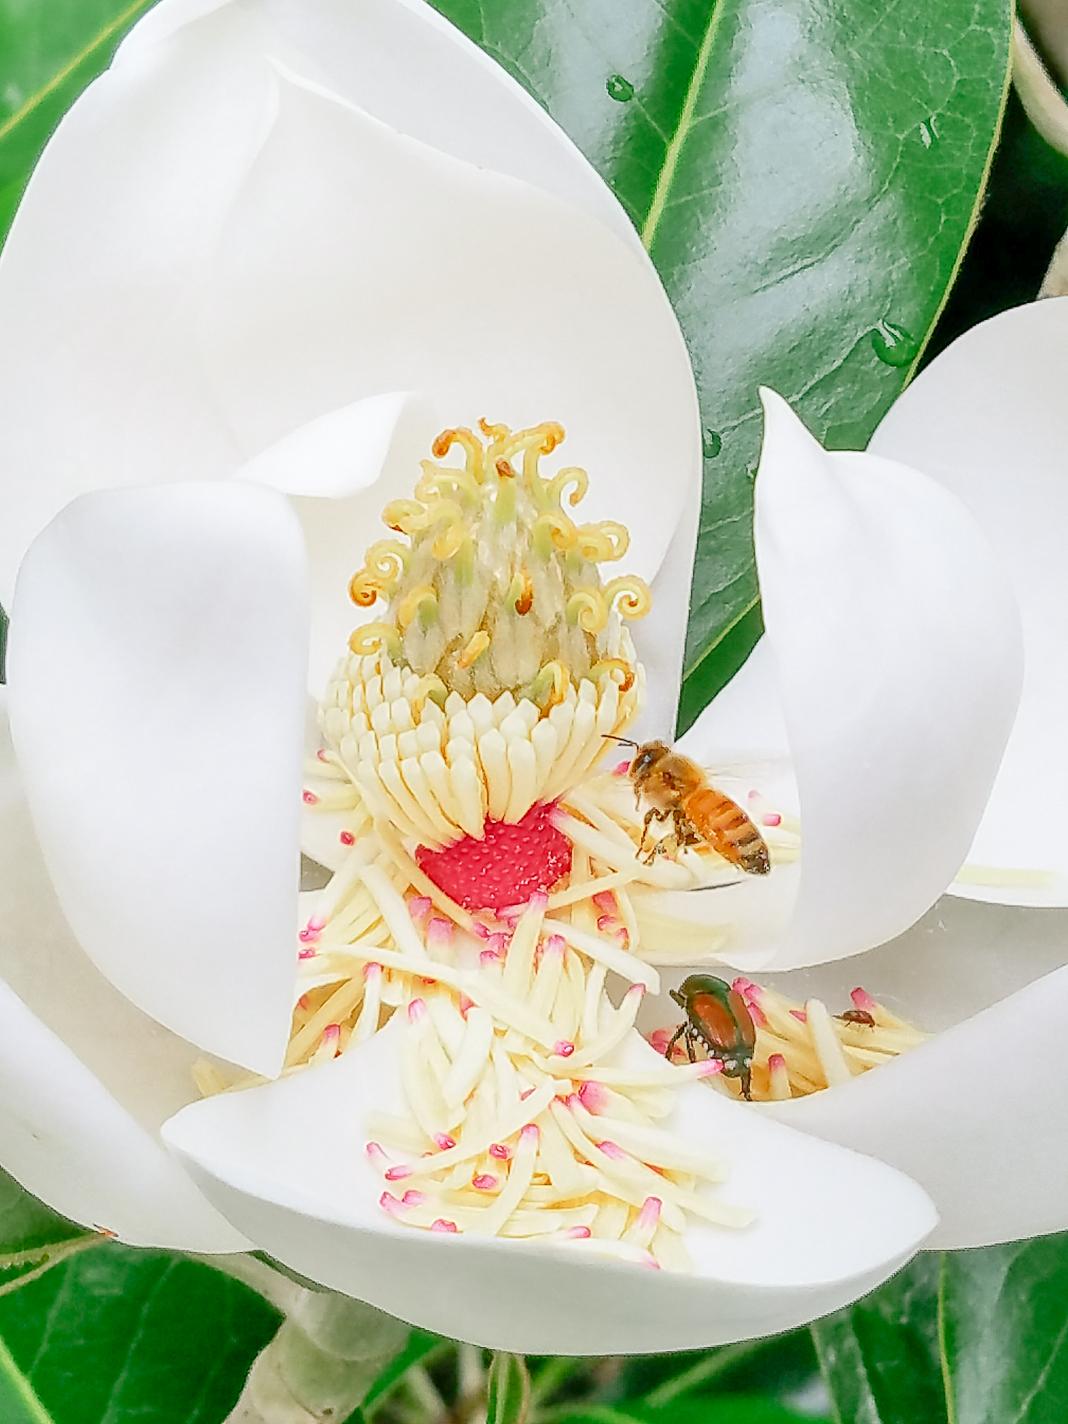 Honey-Bee-AT-Plumbing-Roanoke-Virginia